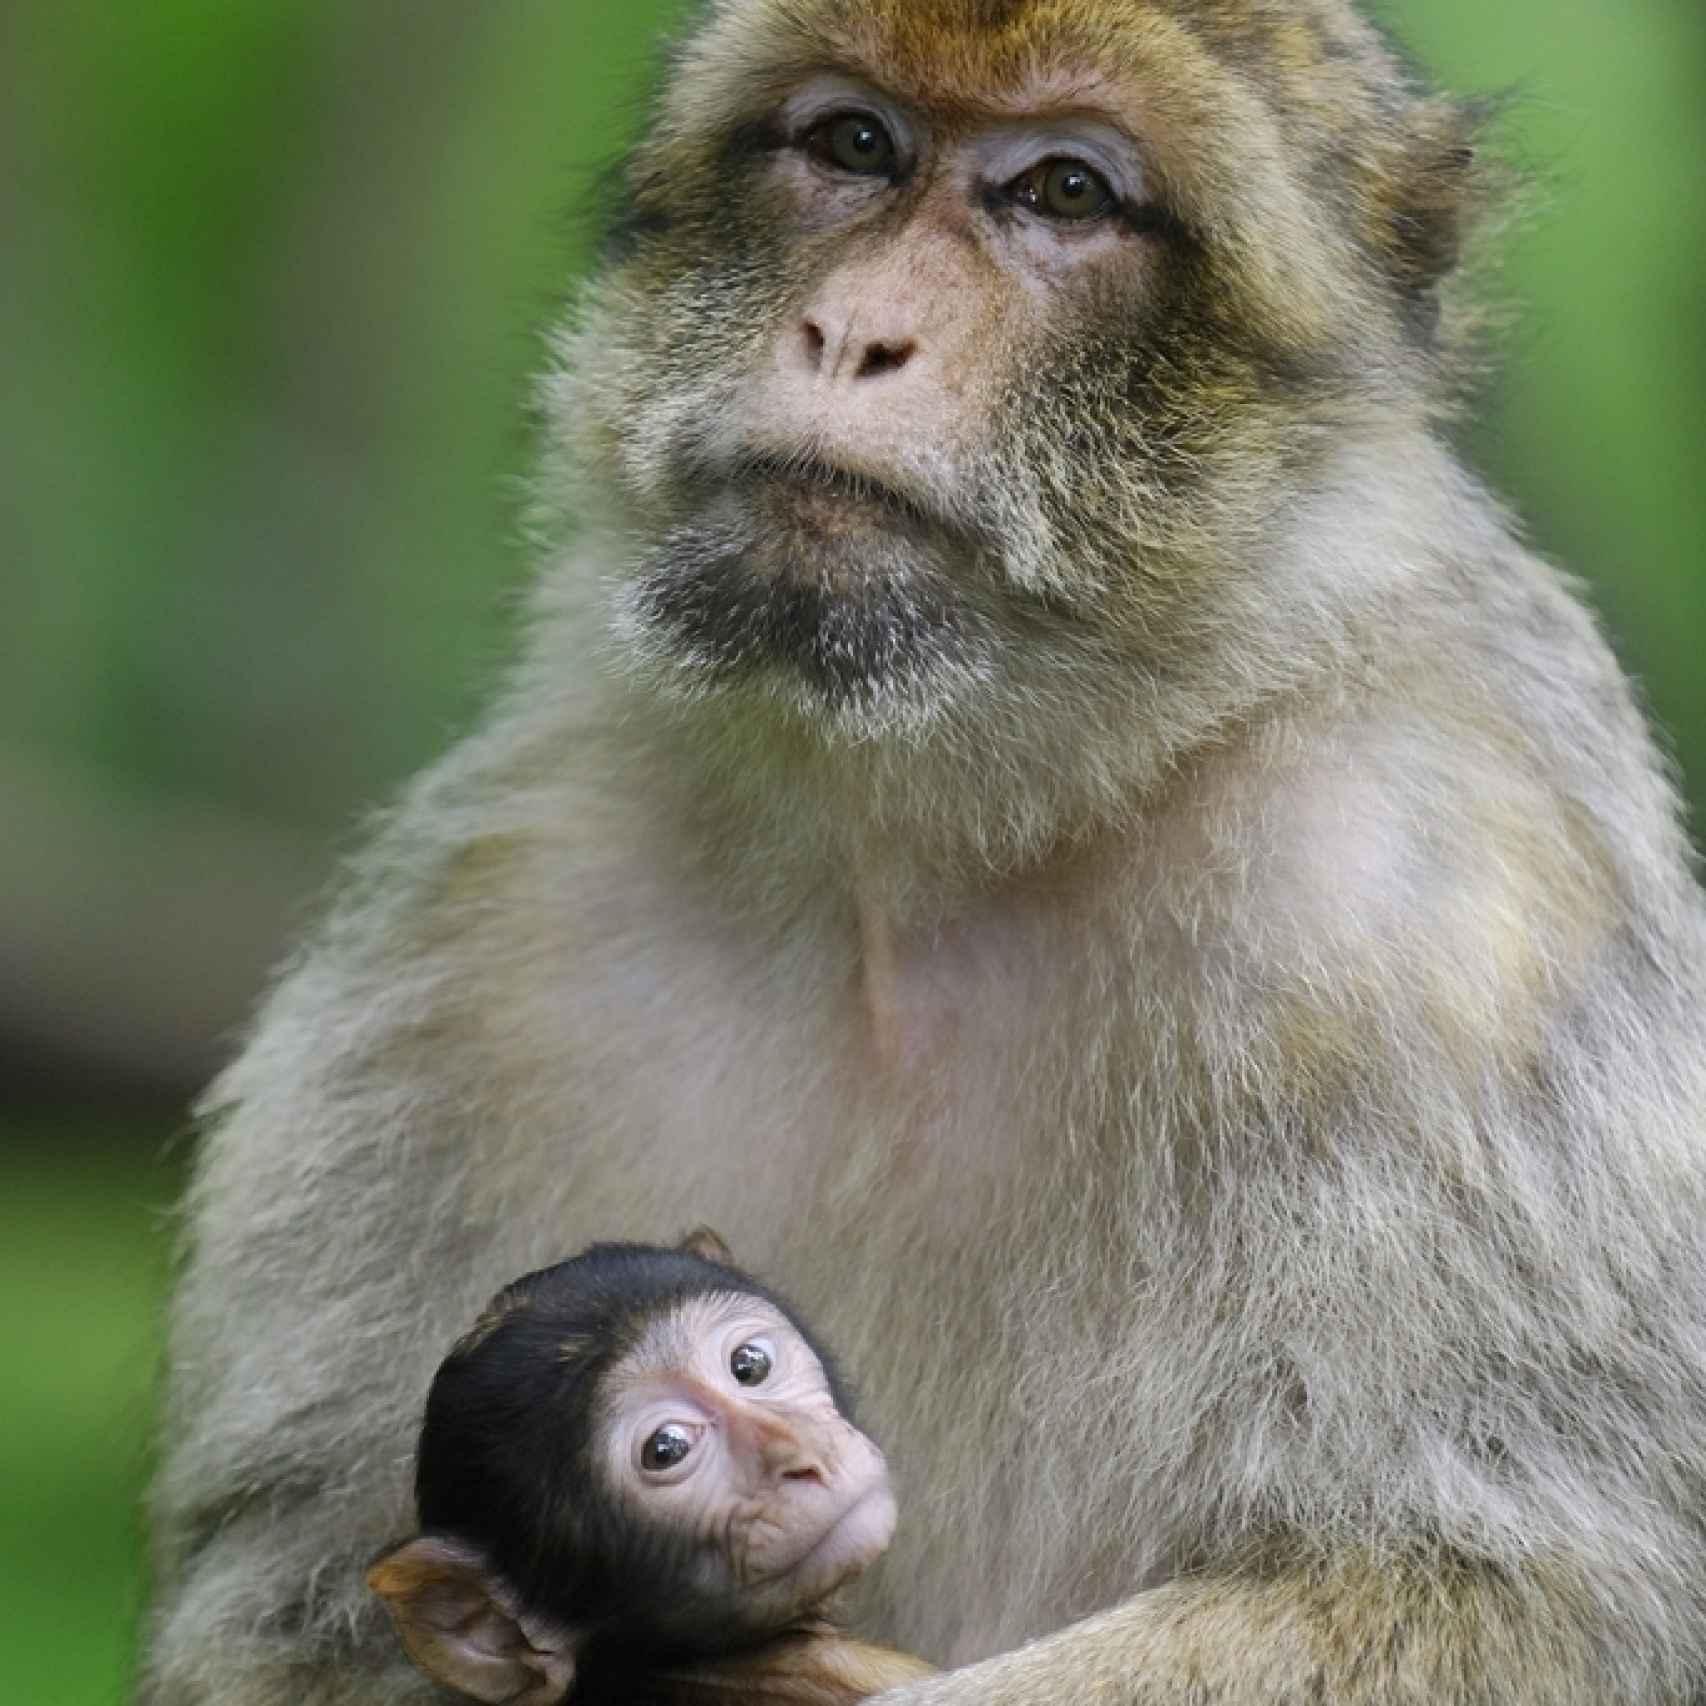 Una hembra de macaco con su bebé.